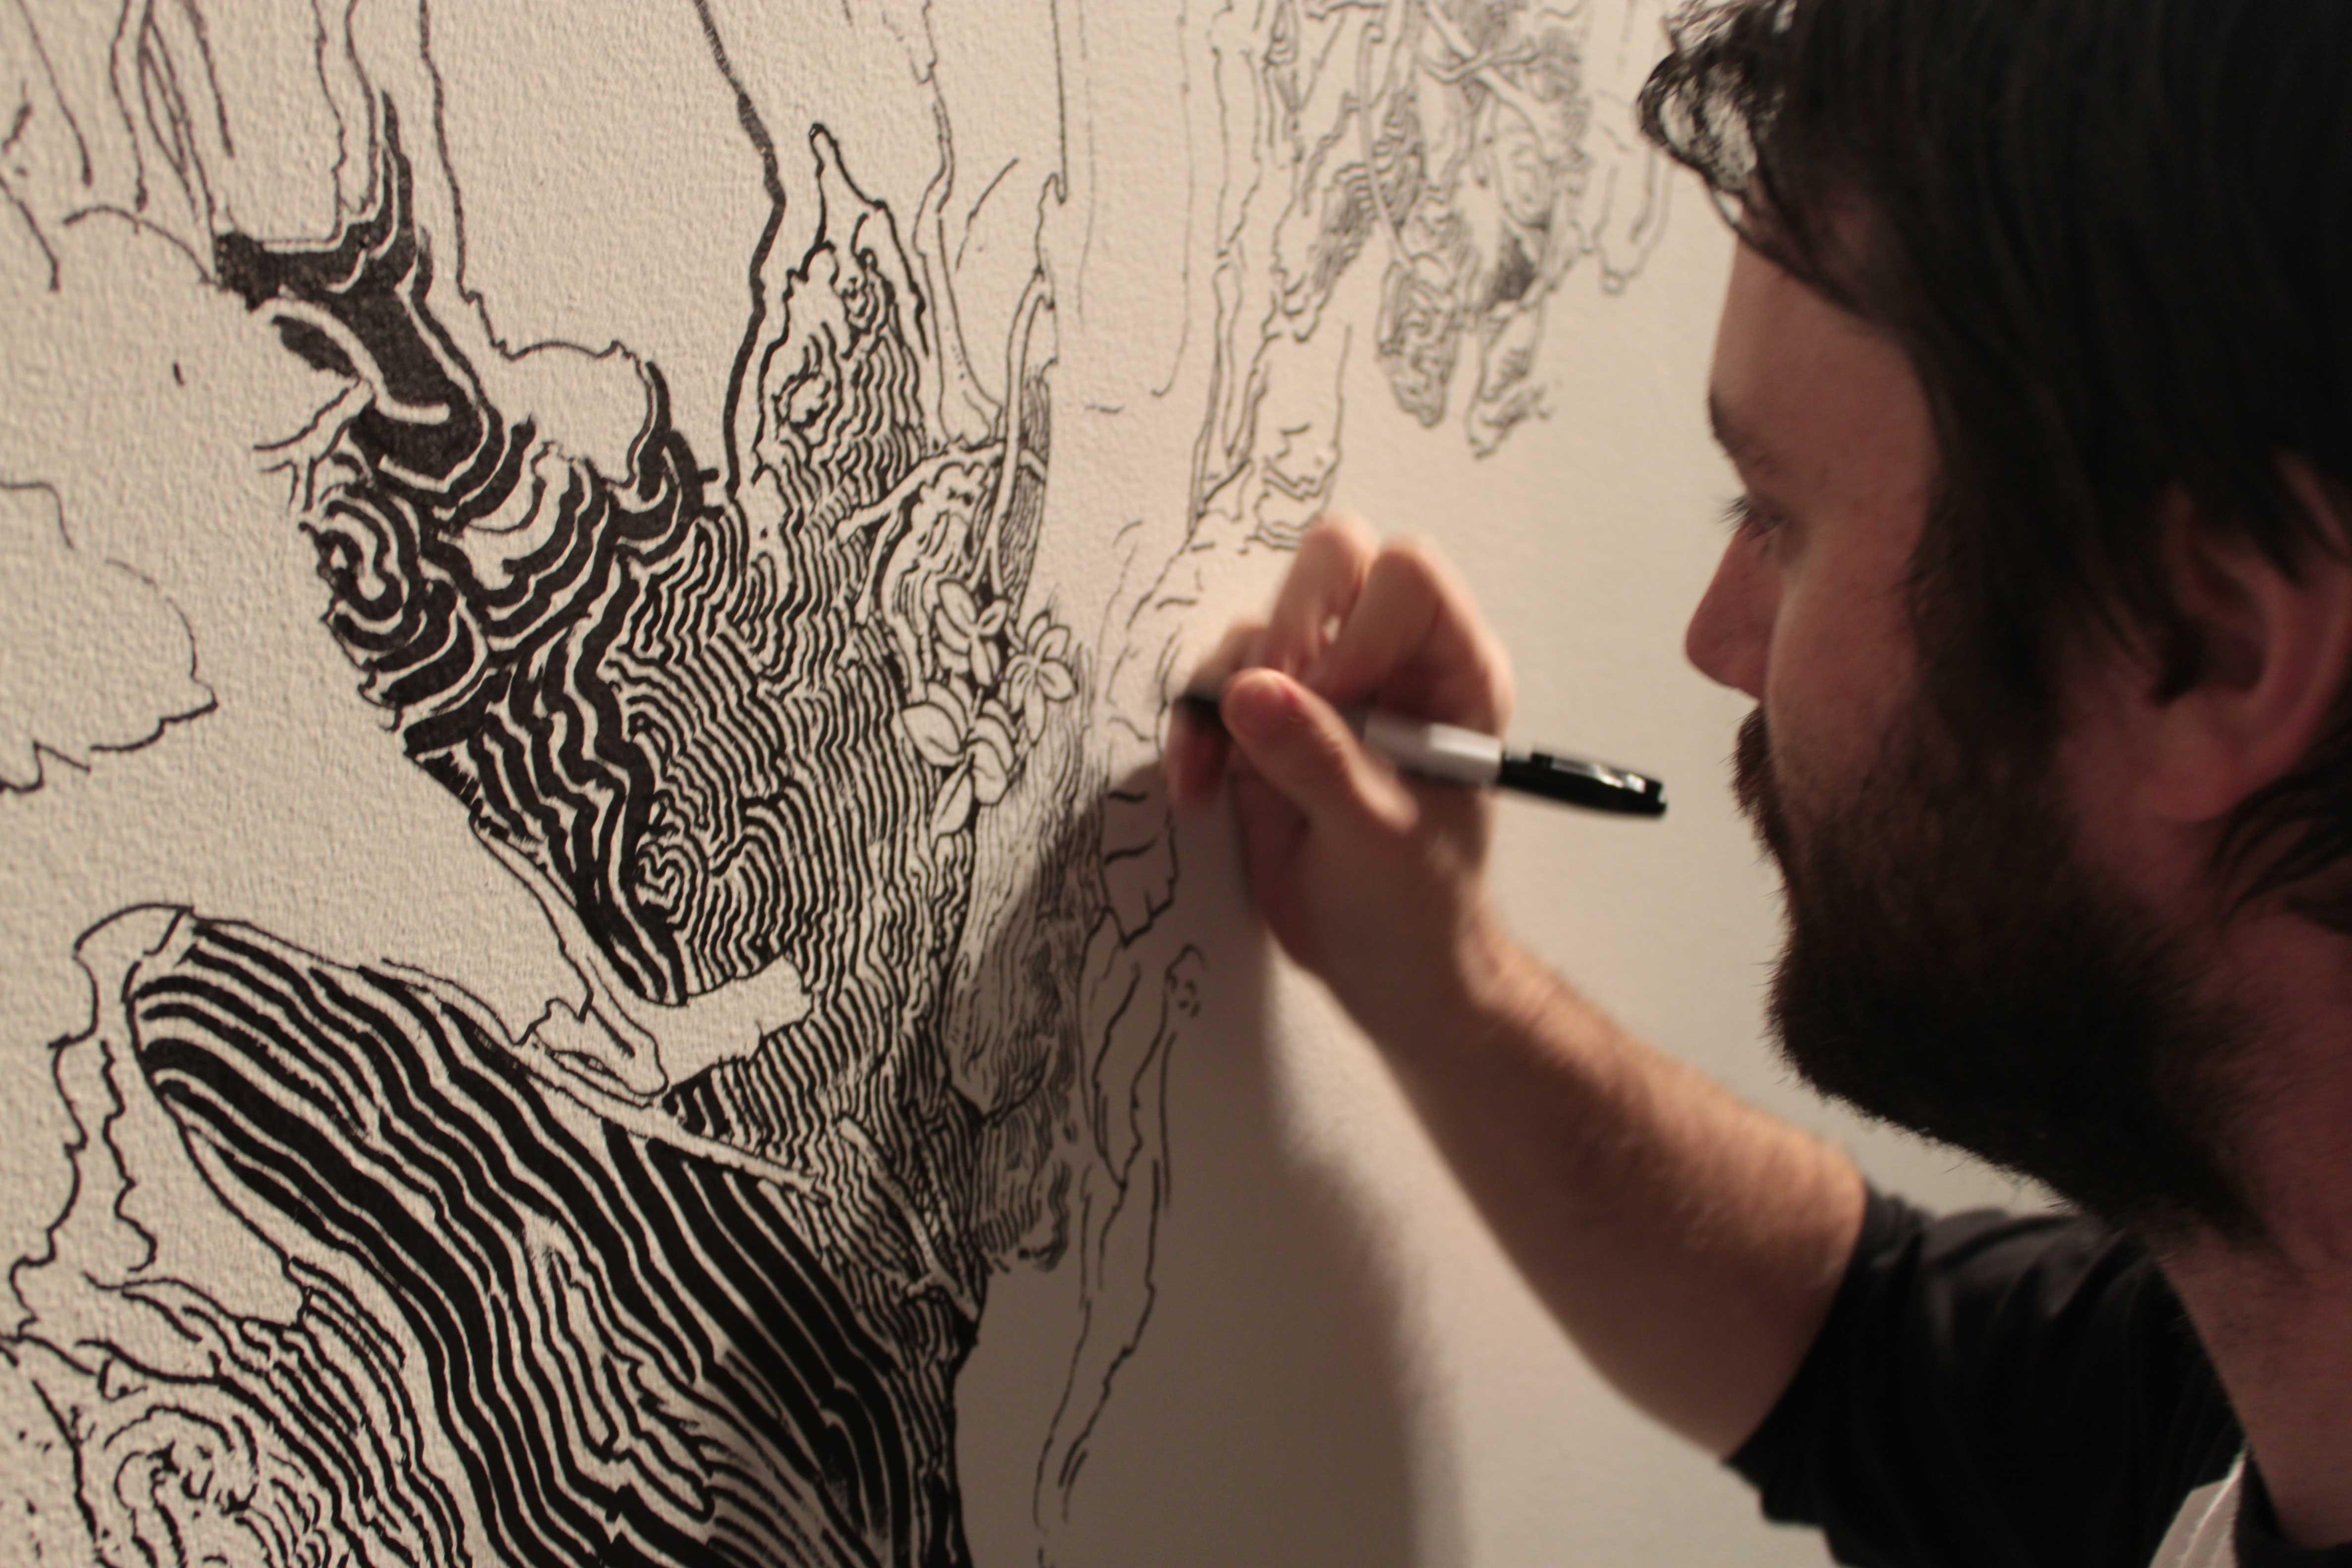 20110303_Grand-Pale-Maw_Sean-Sullivan-detail-working_02